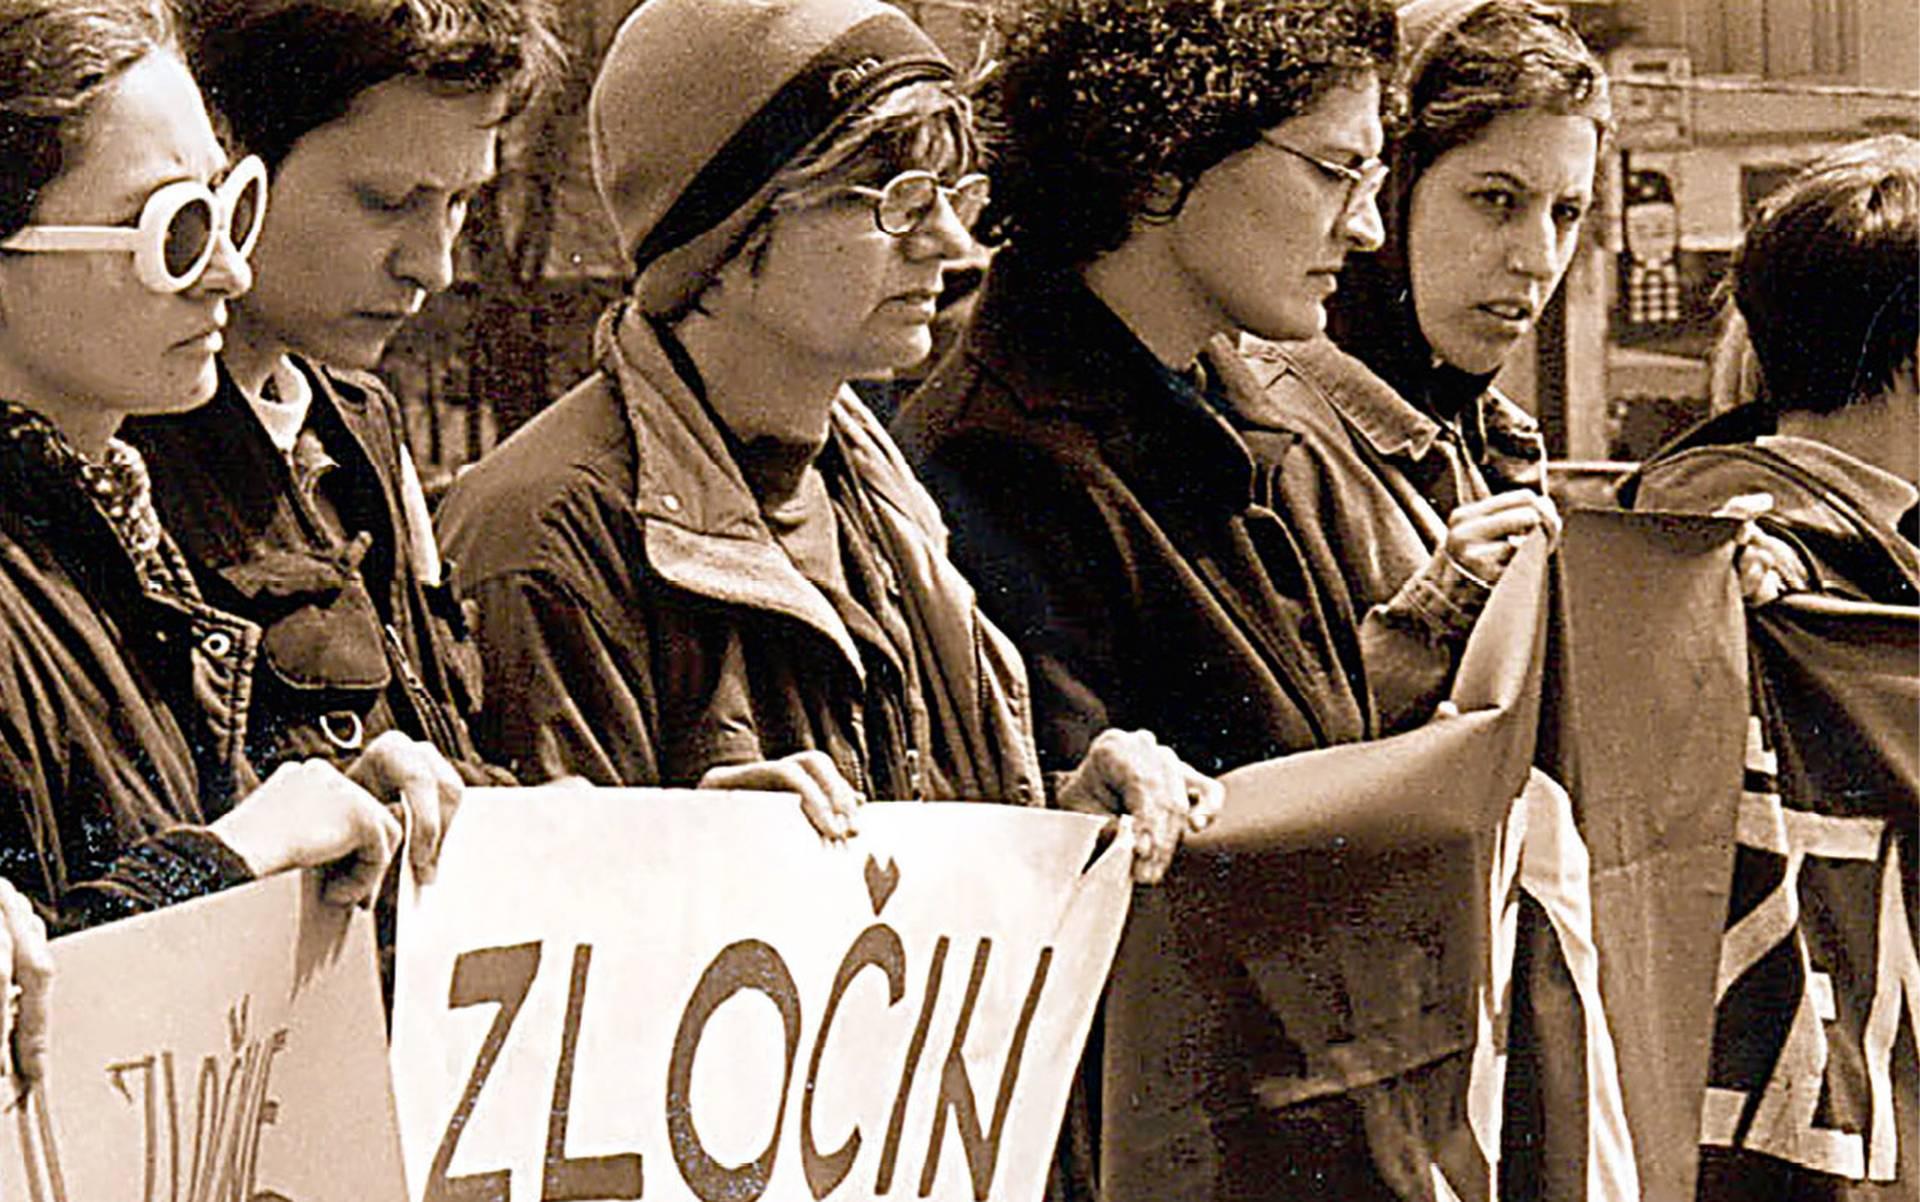 FELJTON Antiratne pozicije zagrebačkih i beogradskih feministkinja